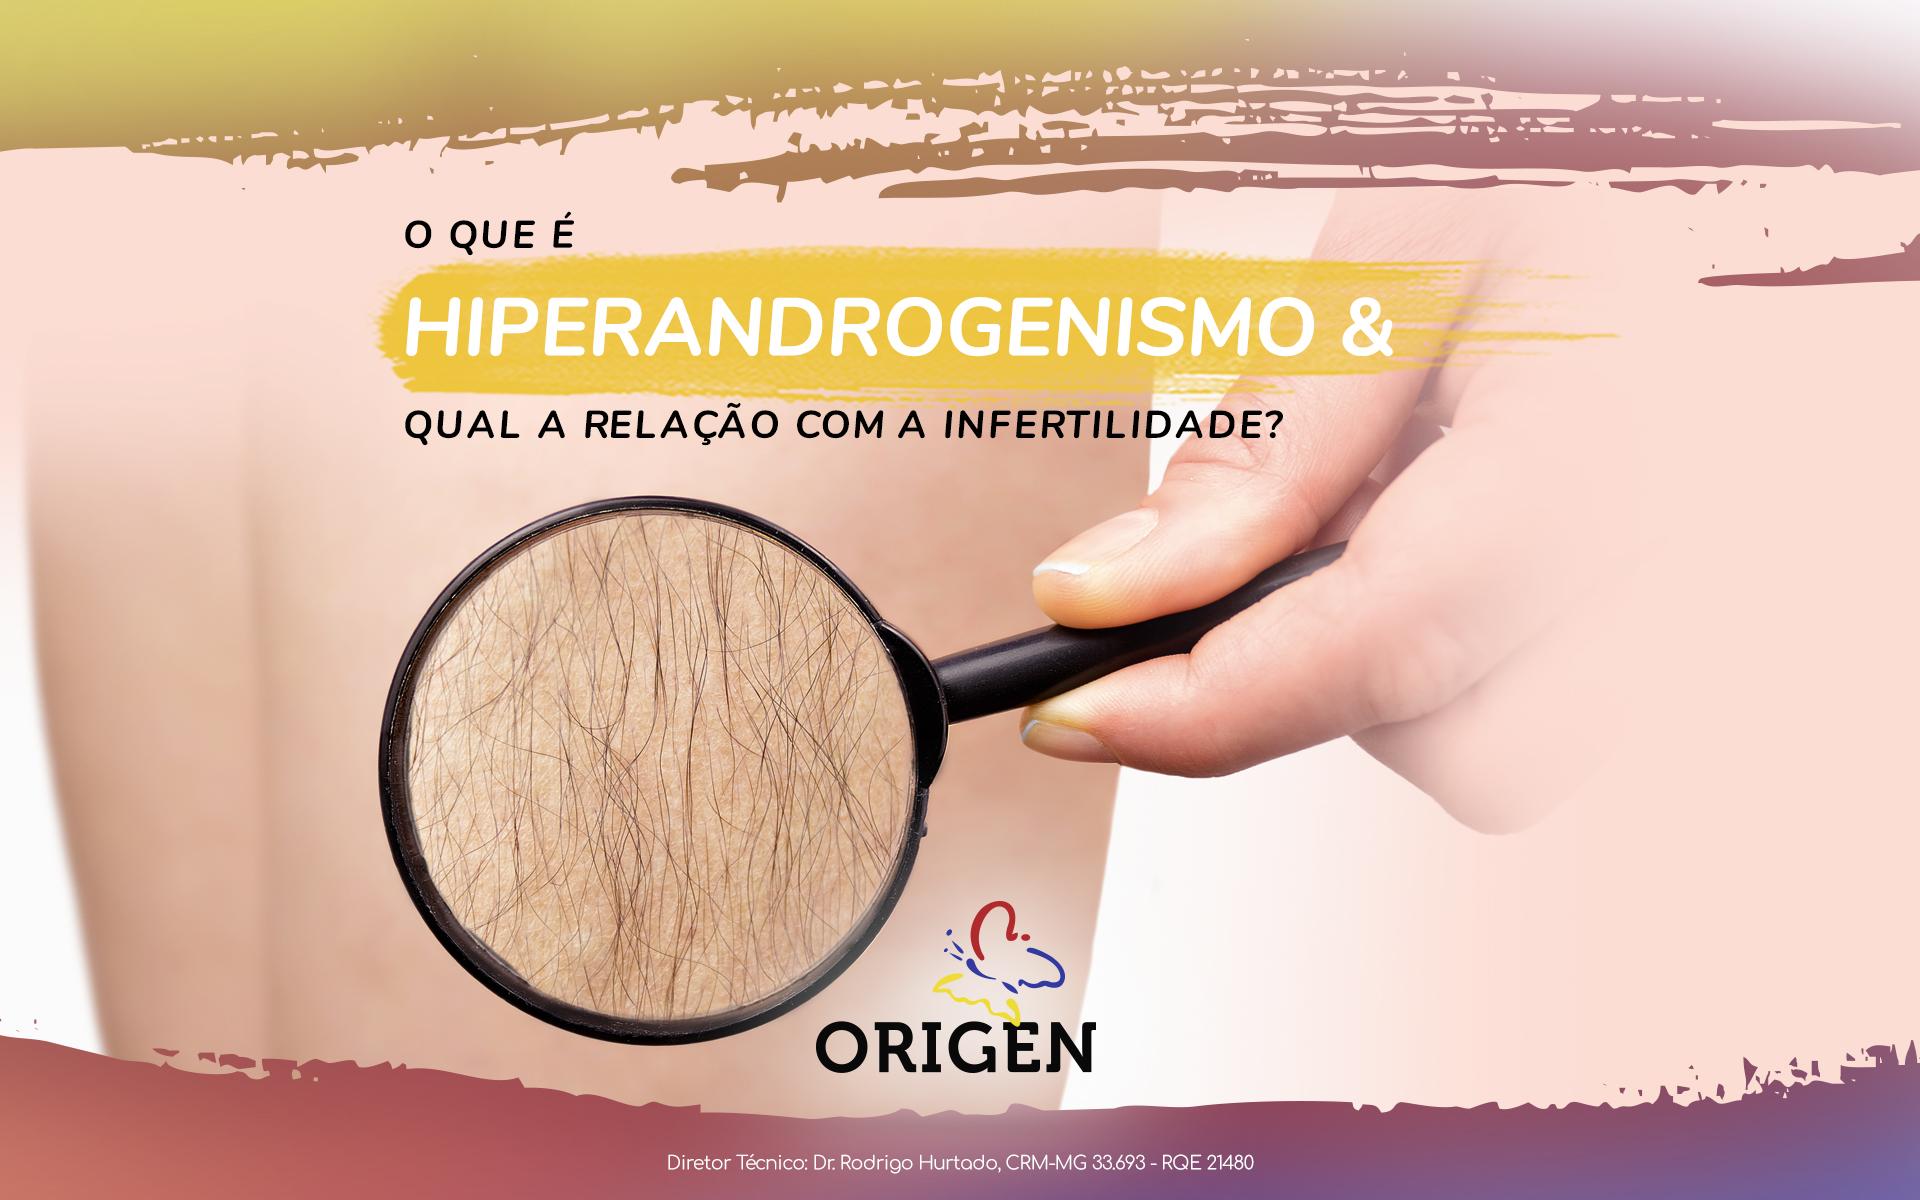 O que é hiperandrogenismo e qual a relação com a infertilidade?